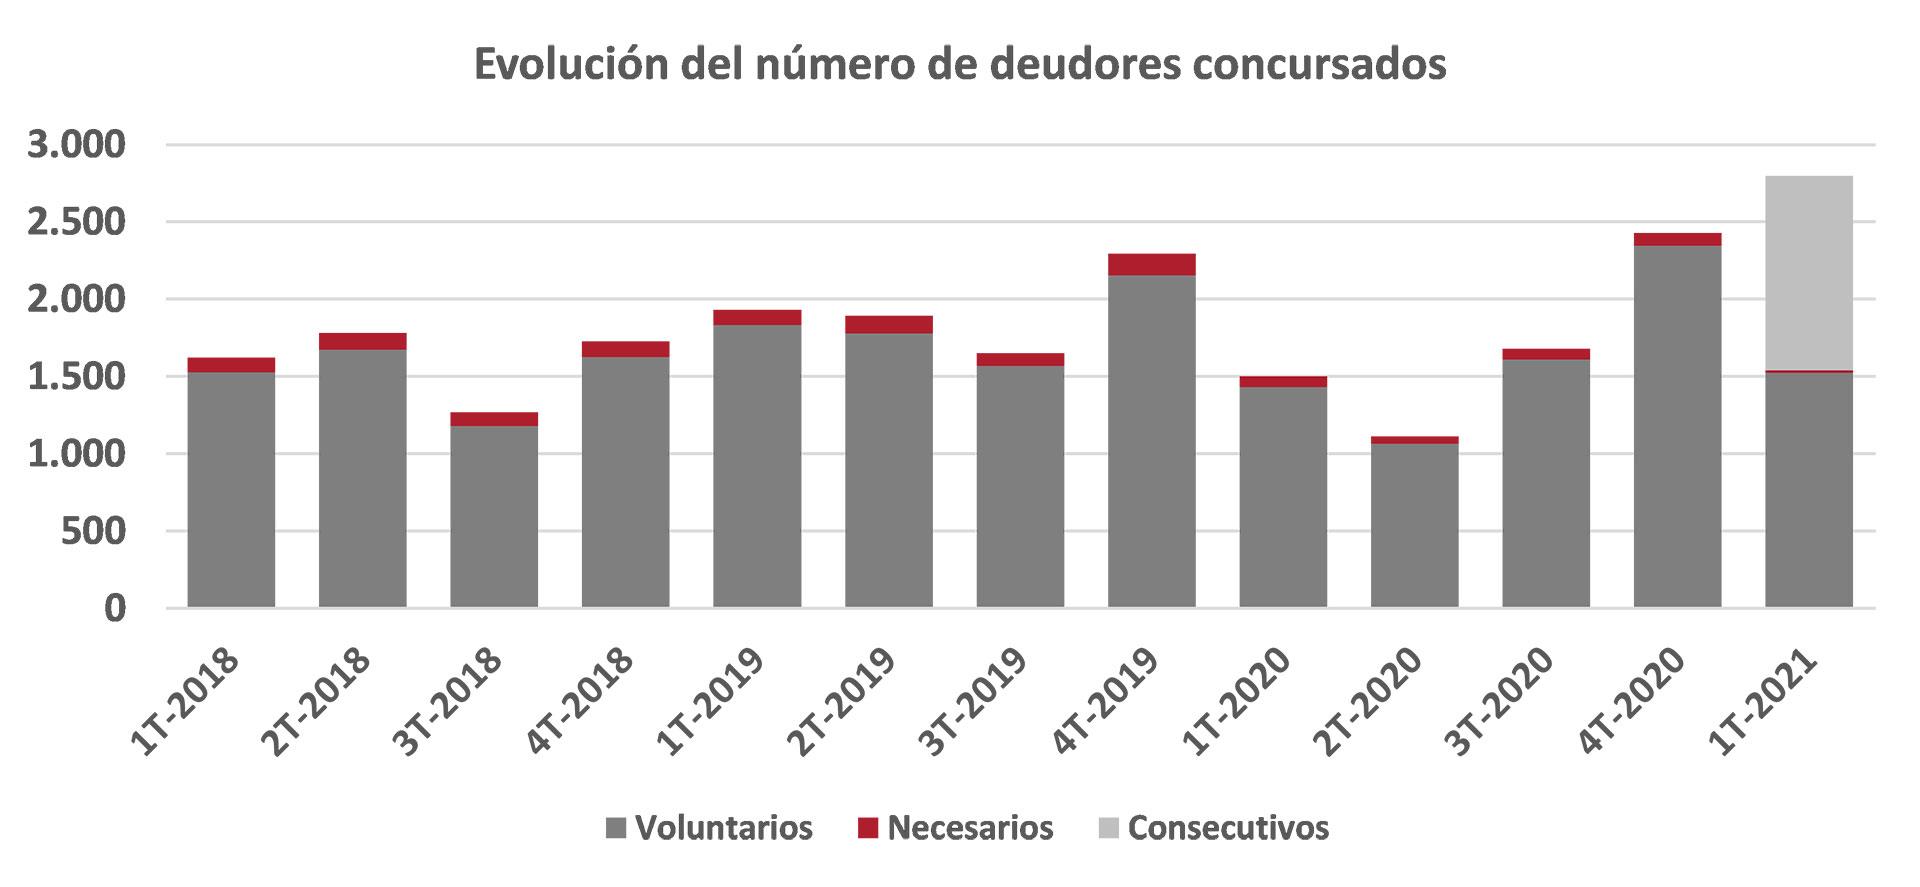 Evolución de los deudores concursados en España. Fuente: INE.